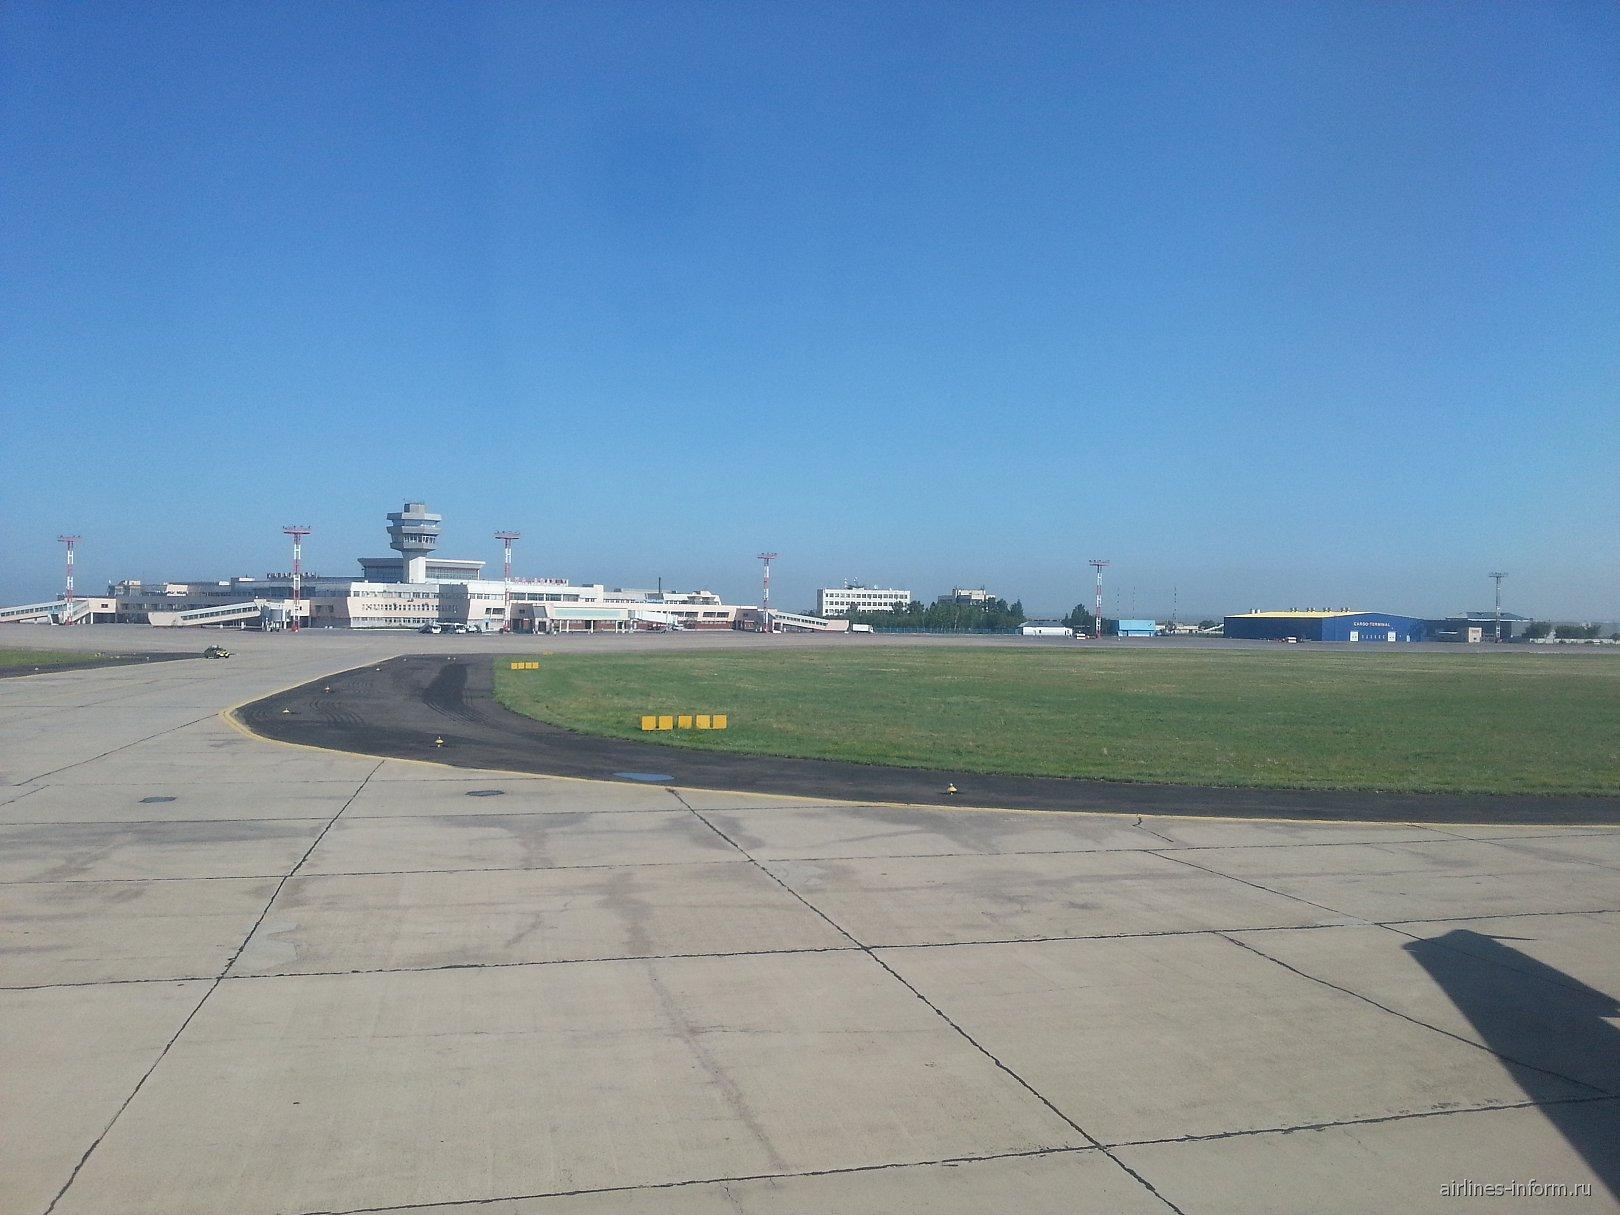 Аэропорт Караганда